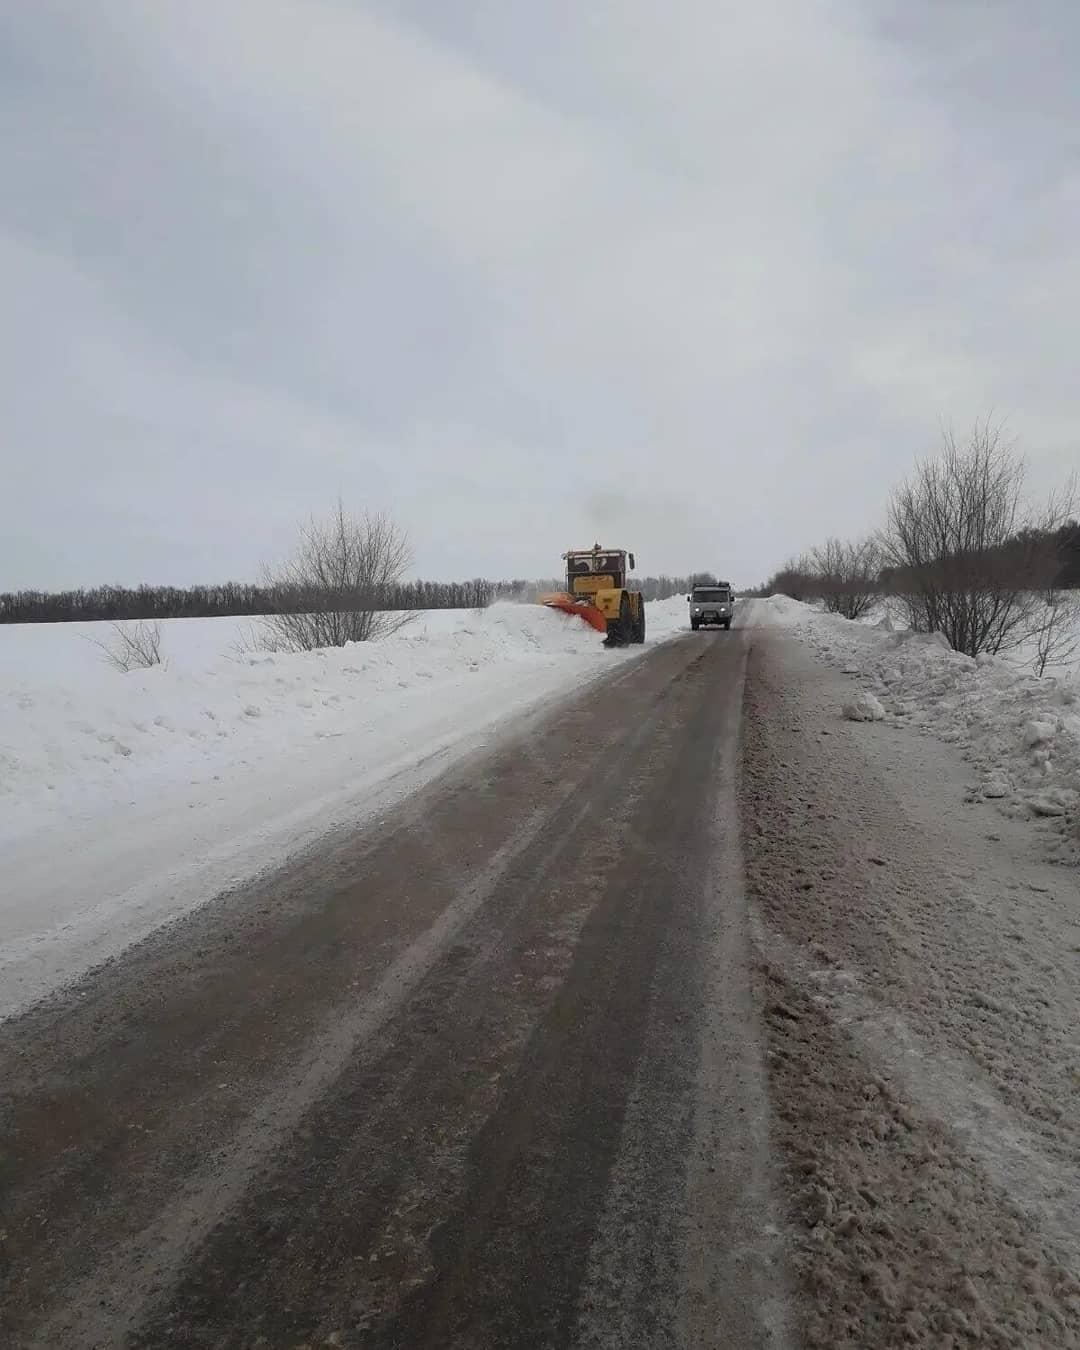 В Петровском районе в плановом режиме проводится расчистка дорог регионального и межмуниципального значения